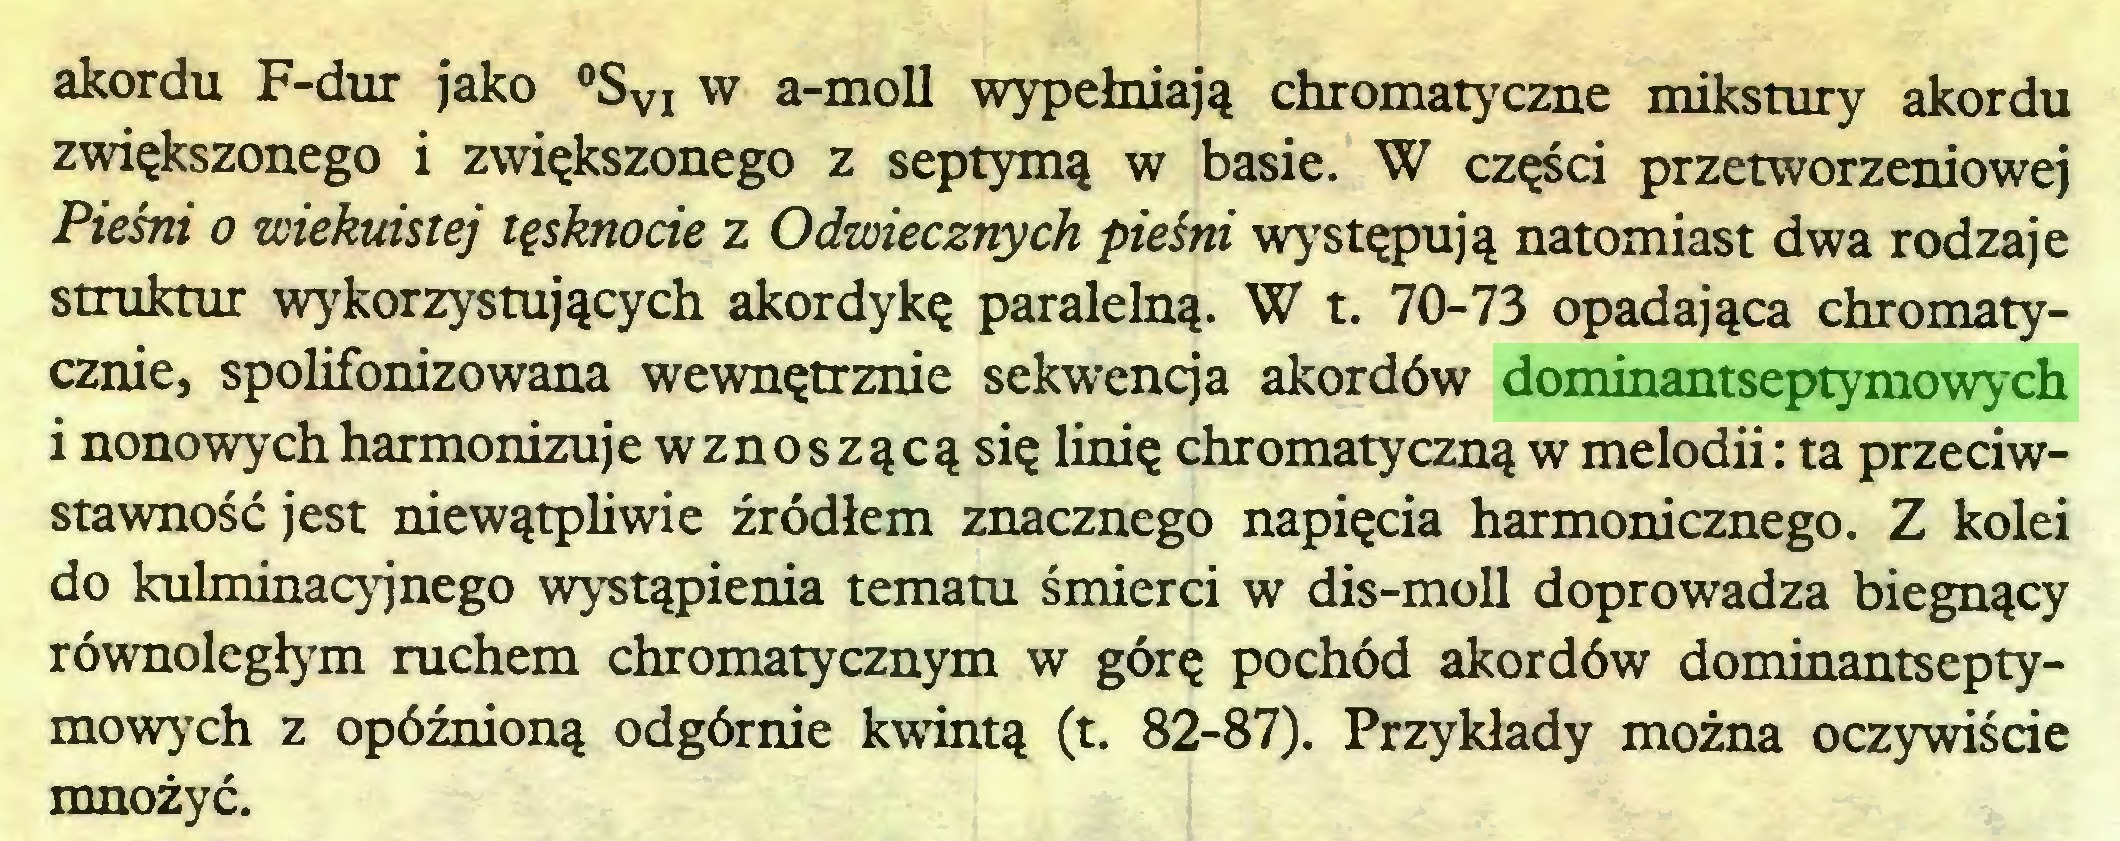 (...) akordu F-dur jako °SVI w a-moll wypełniają chromatyczne mikstury akordu zwiększonego i zwiększonego z septymą w basie. W części przetworzeniowej Pieśm o wiekuistej tęsknocie z Odwiecznych pieśni występują natomiast dwa rodzaje struktur wykorzystujących akordykę paralelną. W t. 70-73 opadająca chromatycznie, spolifonizowana wewnętrznie sekwencja akordów dominantseptymowych i nonowych harmonizuje wznoszącą się linię chromatyczną w melodii: ta przeciwstawnośćjest niewątpliwie źródłem znacznego napięcia harmonicznego. Z kolei do kulminacyjnego wystąpienia tematu śmierci w dis-moll doprowadza biegnący równoległym ruchem chromatycznym w górę pochód akordów dominantseptymowych z opóźnioną odgórnie kwintą (t. 82-87). Przykłady można oczywiście mnożyć...